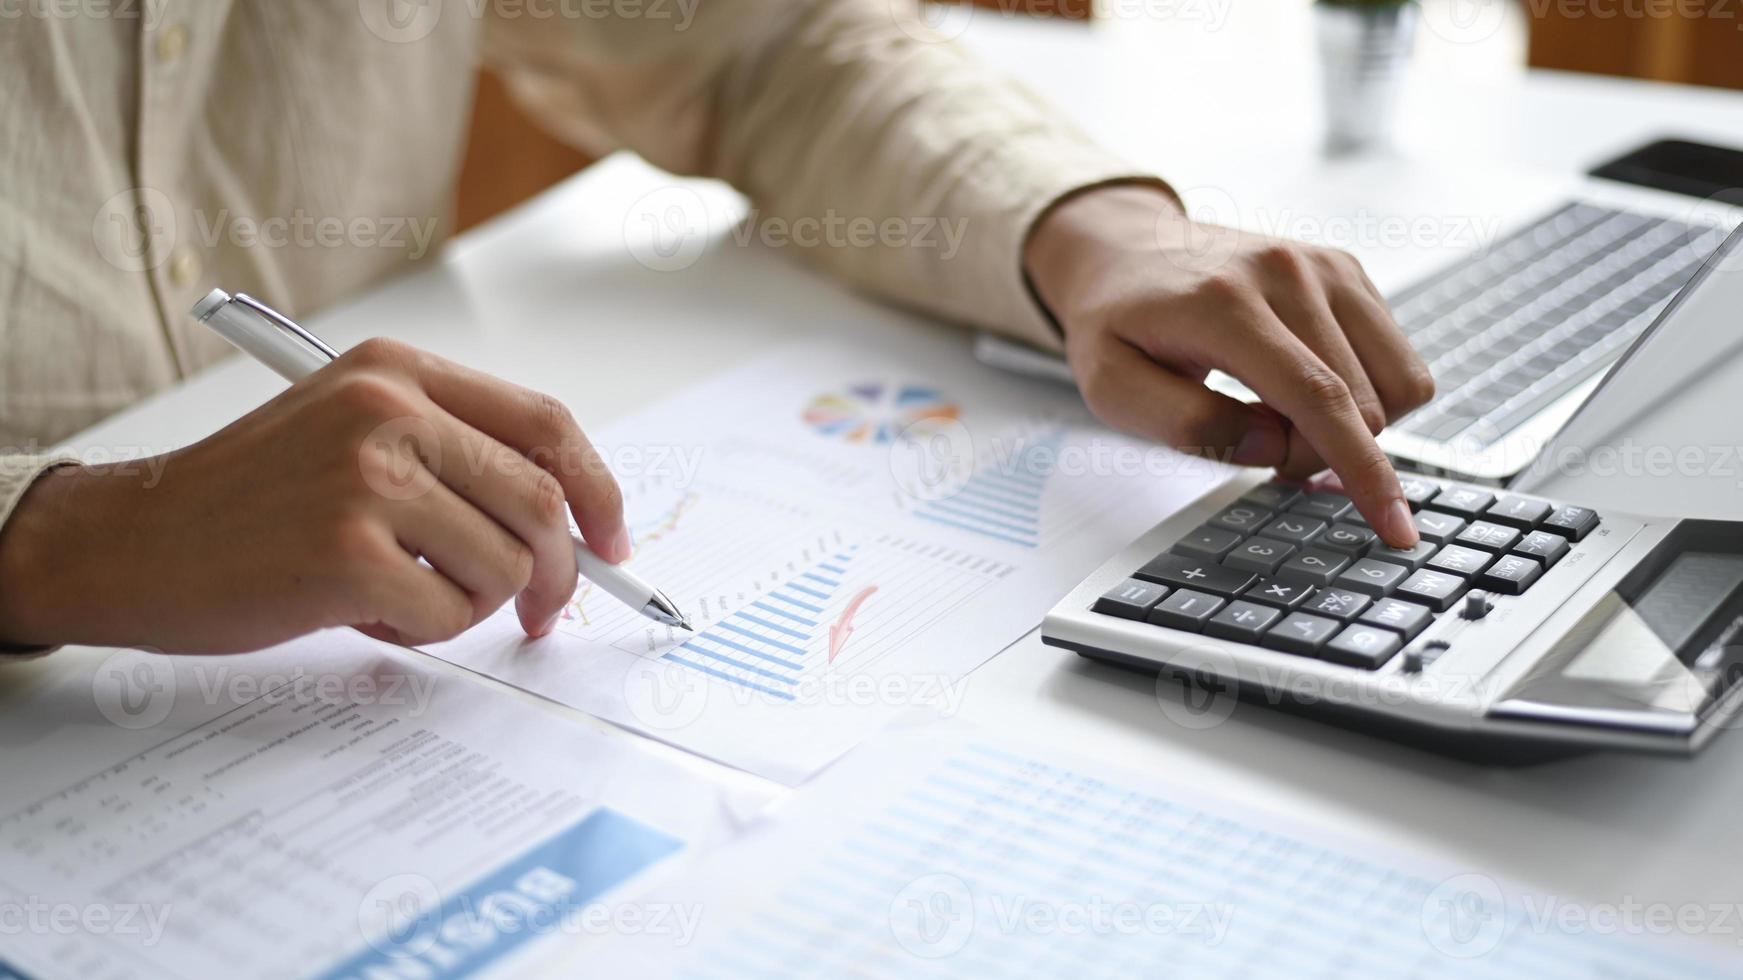 colpo ravvicinato della mano che punta la penna per rappresentare graficamente i dati e utilizzando la calcolatrice. foto